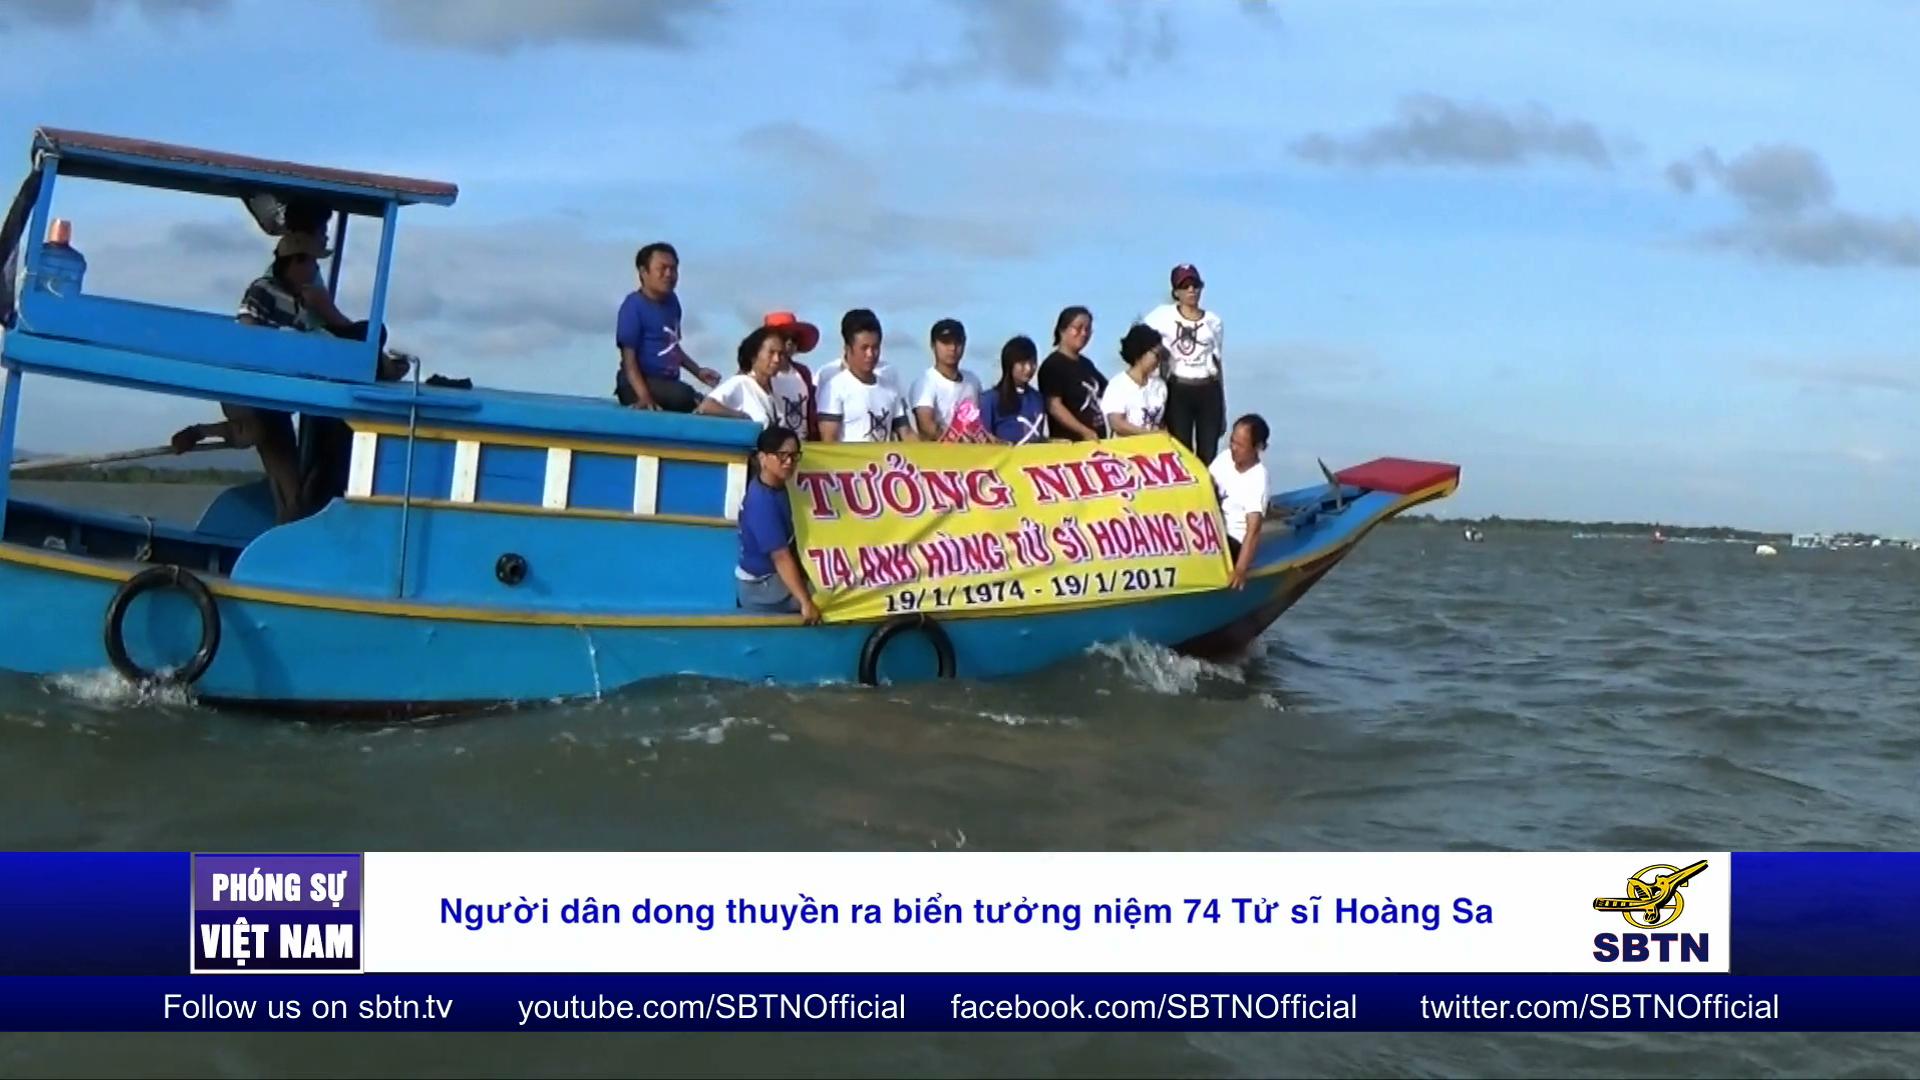 Người dân dong thuyền ra biển tưởng niệm 74 Tử sĩ Hoàng Sa